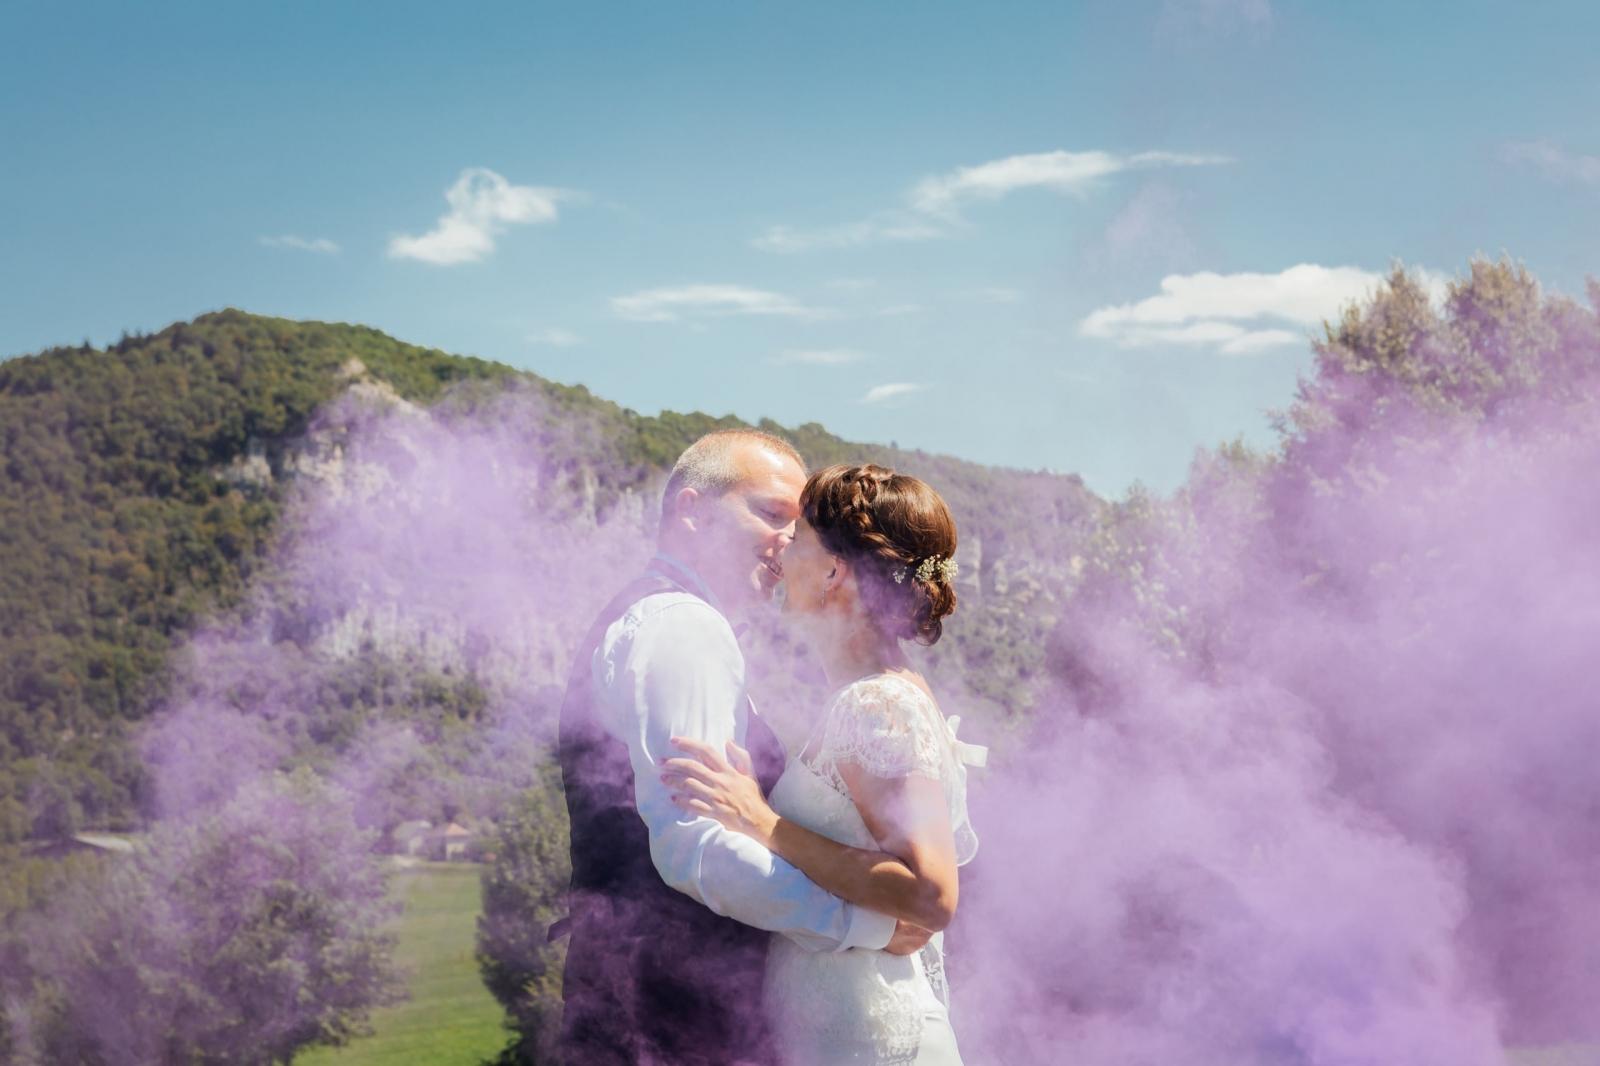 mariage-fumigene-violet